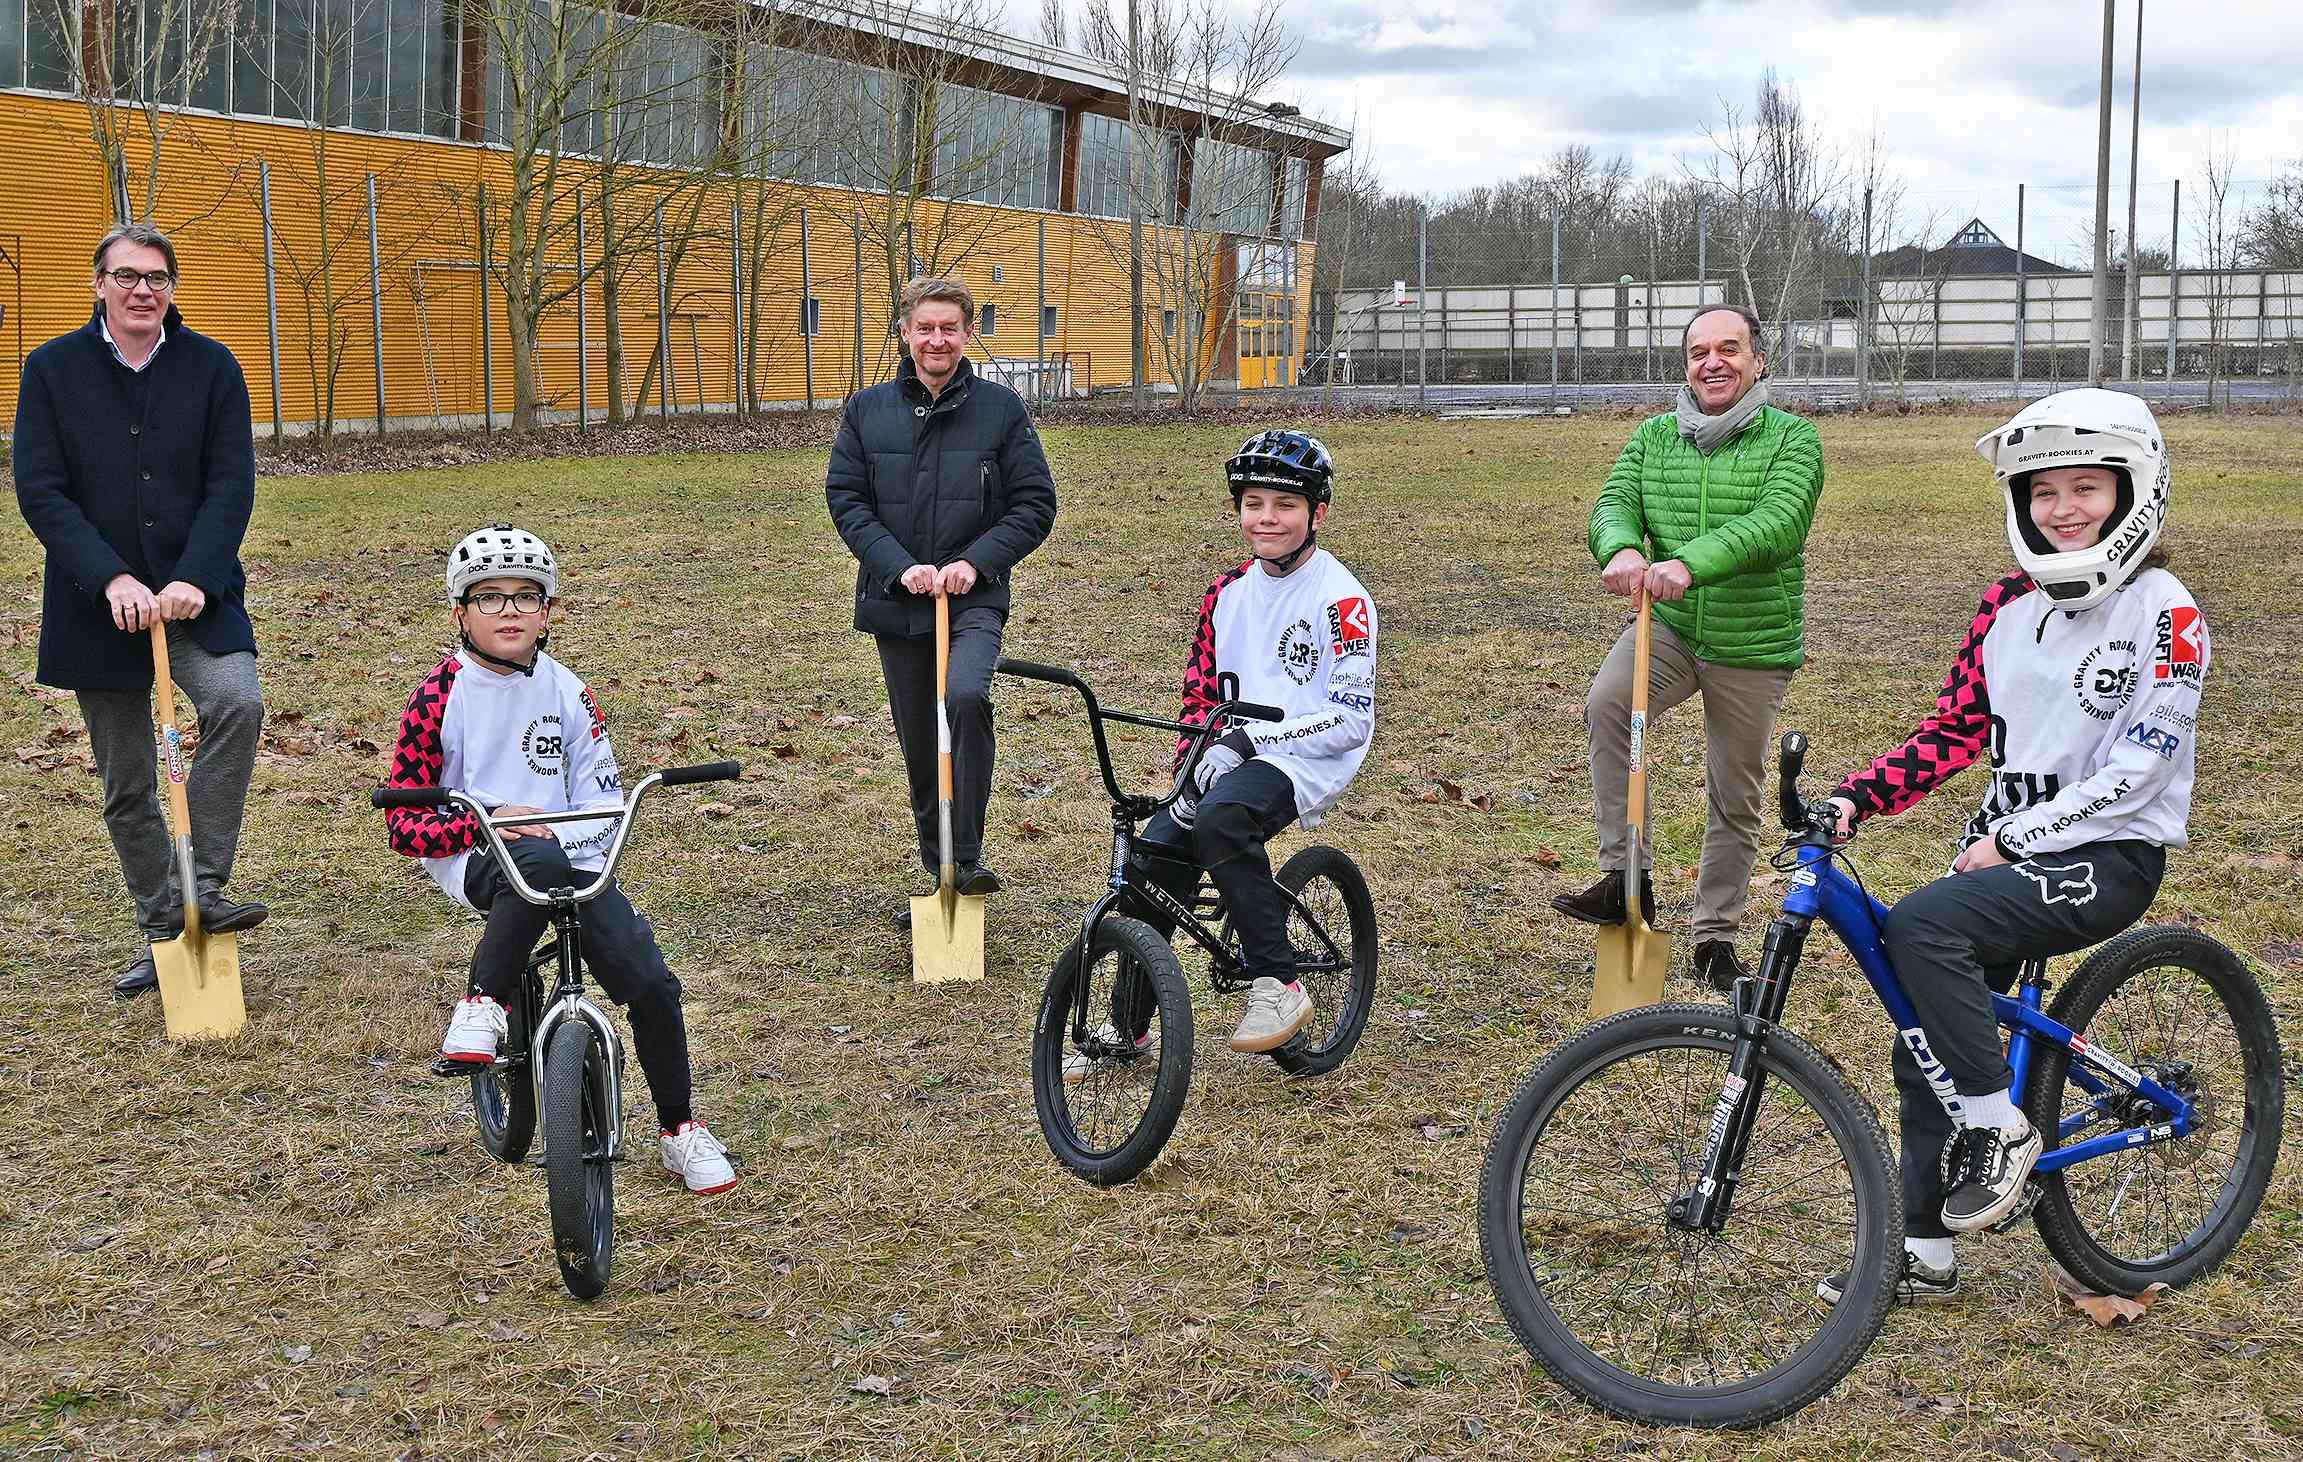 Vizebürgermeister Kroiß mit 2 Vertretern des RSW Vereins und Schaufeln in der Hand. 3 Kinder und Jugendliche mit Rädern und Schutzhelm im Vordergrund